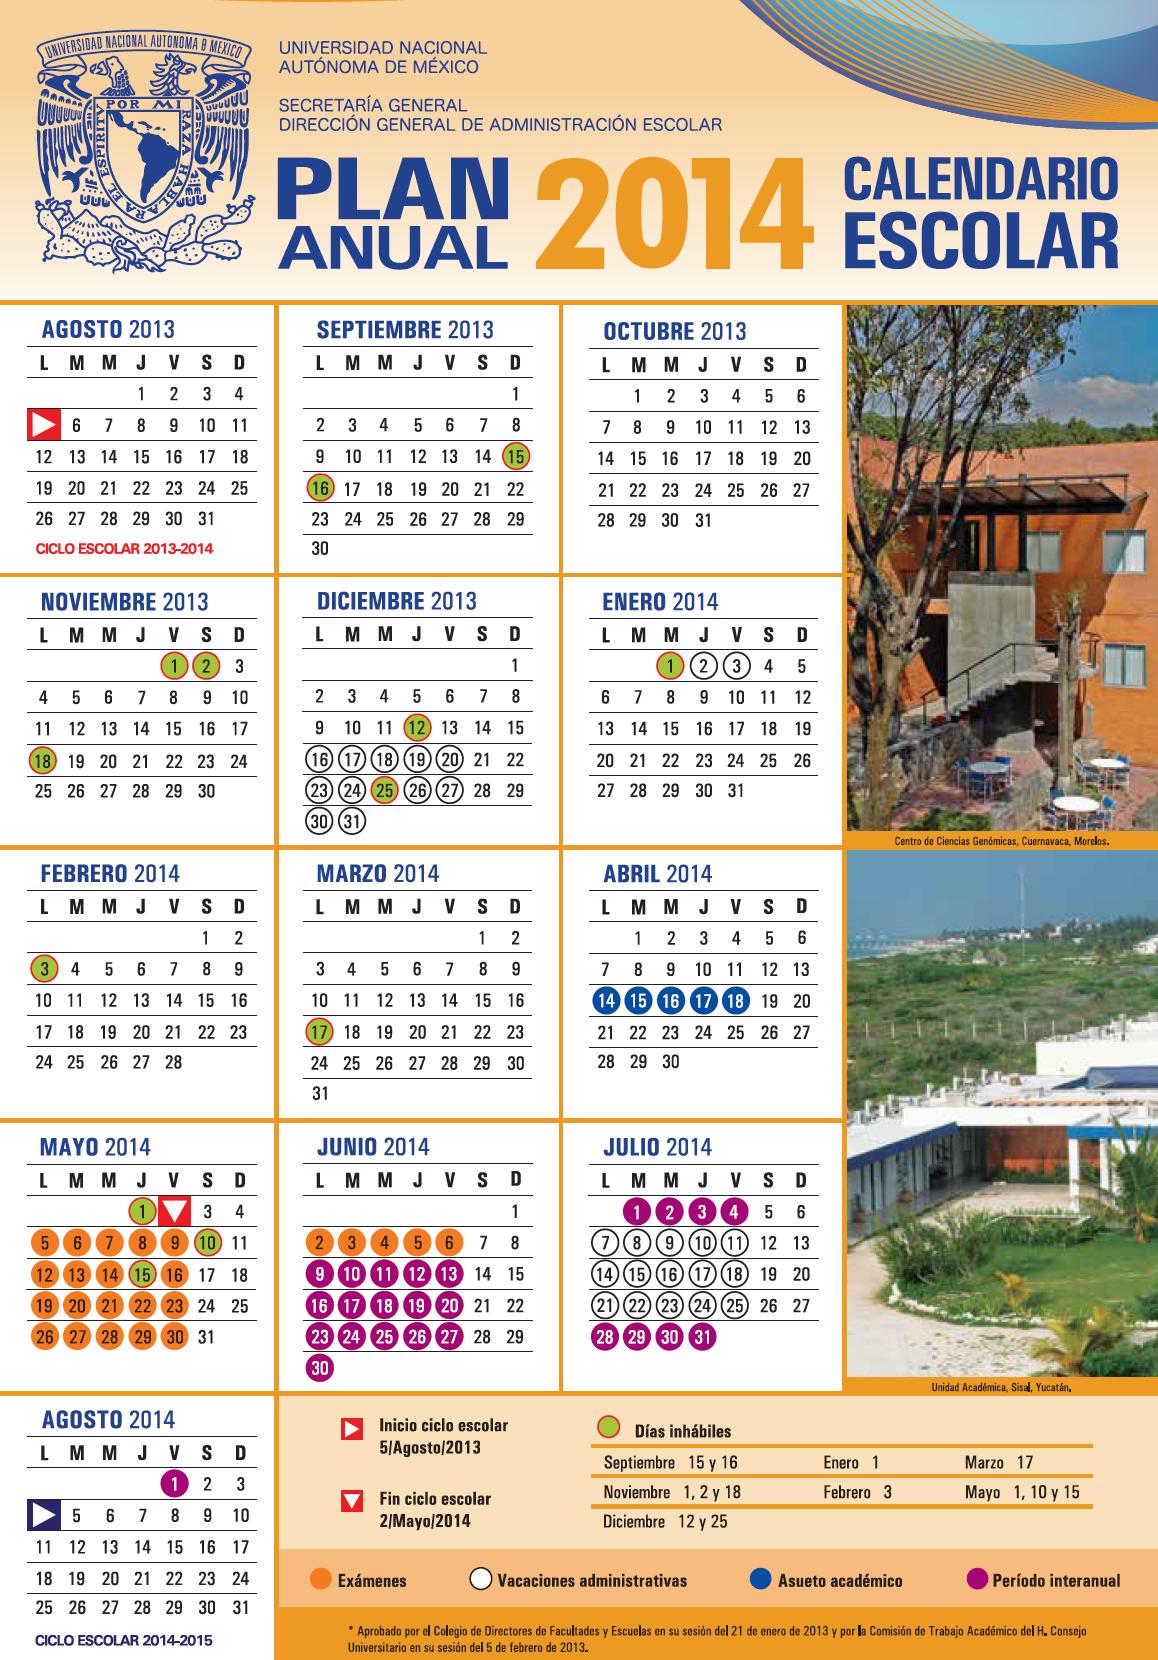 calendario anual UNAM 2013-2014